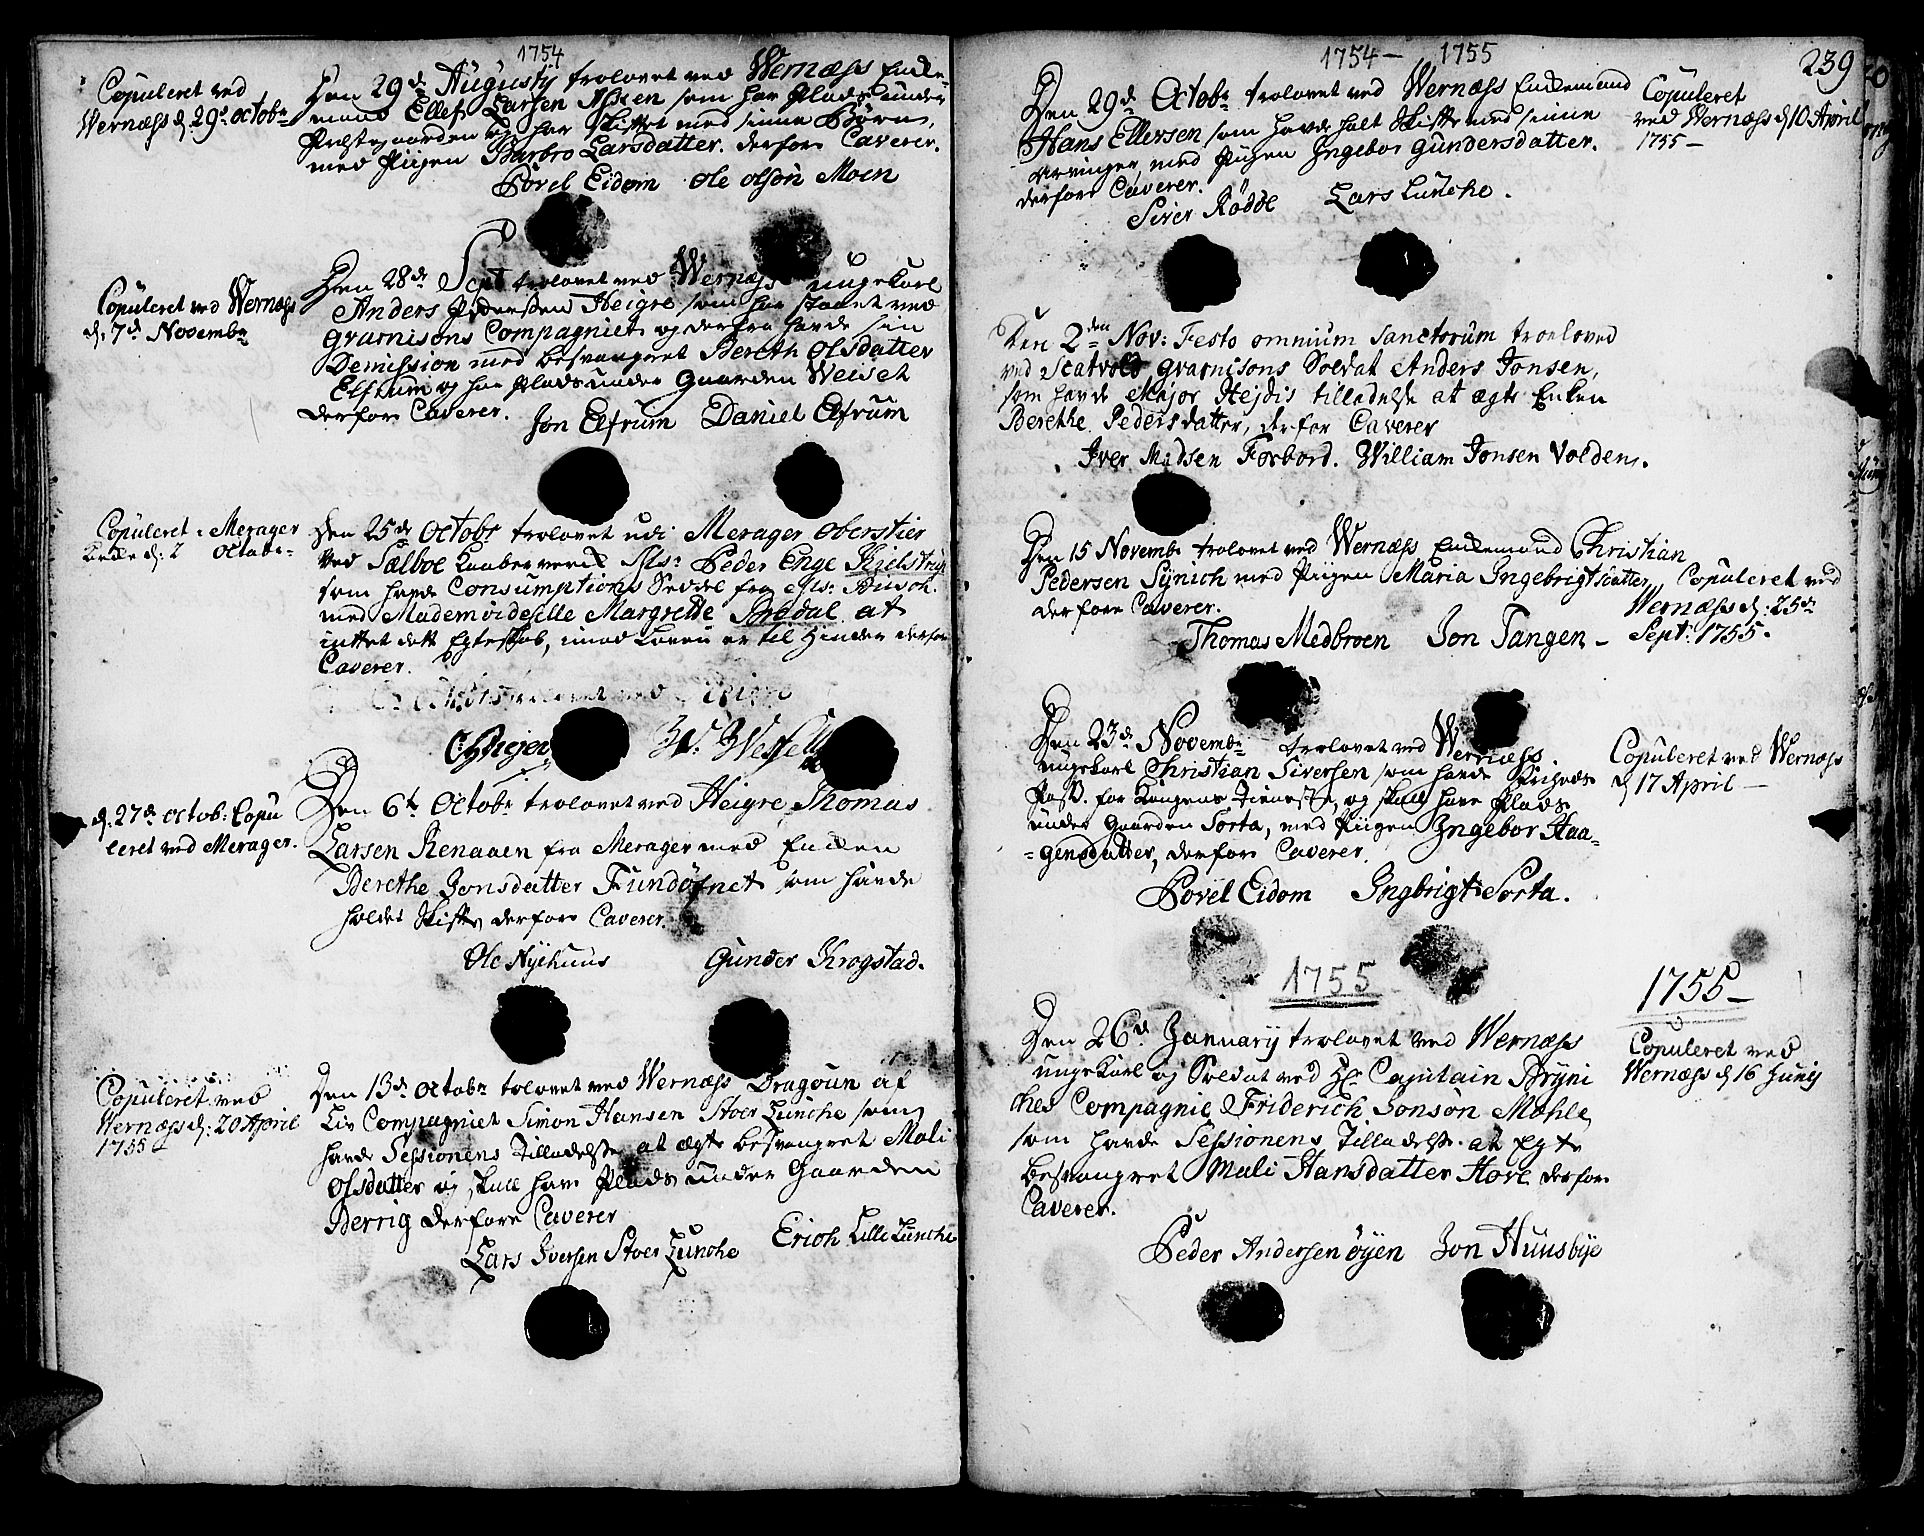 SAT, Ministerialprotokoller, klokkerbøker og fødselsregistre - Nord-Trøndelag, 709/L0056: Ministerialbok nr. 709A04, 1740-1756, s. 239